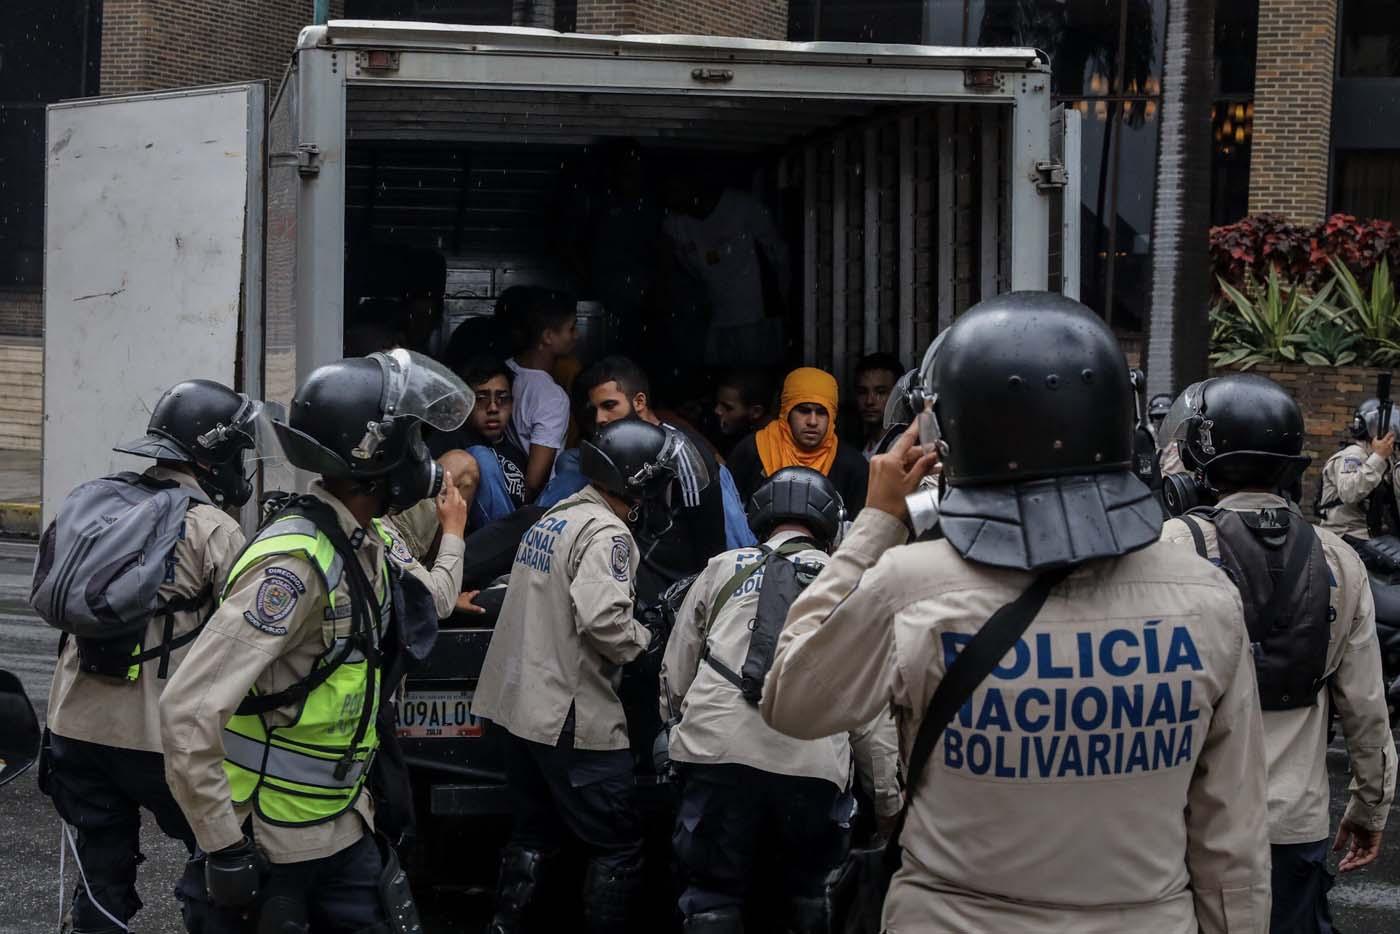 CAR124. CARACAS (VENEZUELA), 29/06/2017.- Agentes de la Policía Nacional Bolivariana detienen a manifestantes durante una marcha hacia la sede del Poder Electoral hoy, jueves 29 de junio de 2017, en Caracas (Venezuela). Diputados de la oposición venezolana denunciaron hoy que las fuerzas del orden reprimieron con perdigones y bombas lacrimógenas una marcha ciudadana a la sede del Poder Electoral para mostrar su rechazo al proceso constituyente activado por el Gobierno para elaborar una nueva Carta Magna. EFE/Miguel Gutiérrez